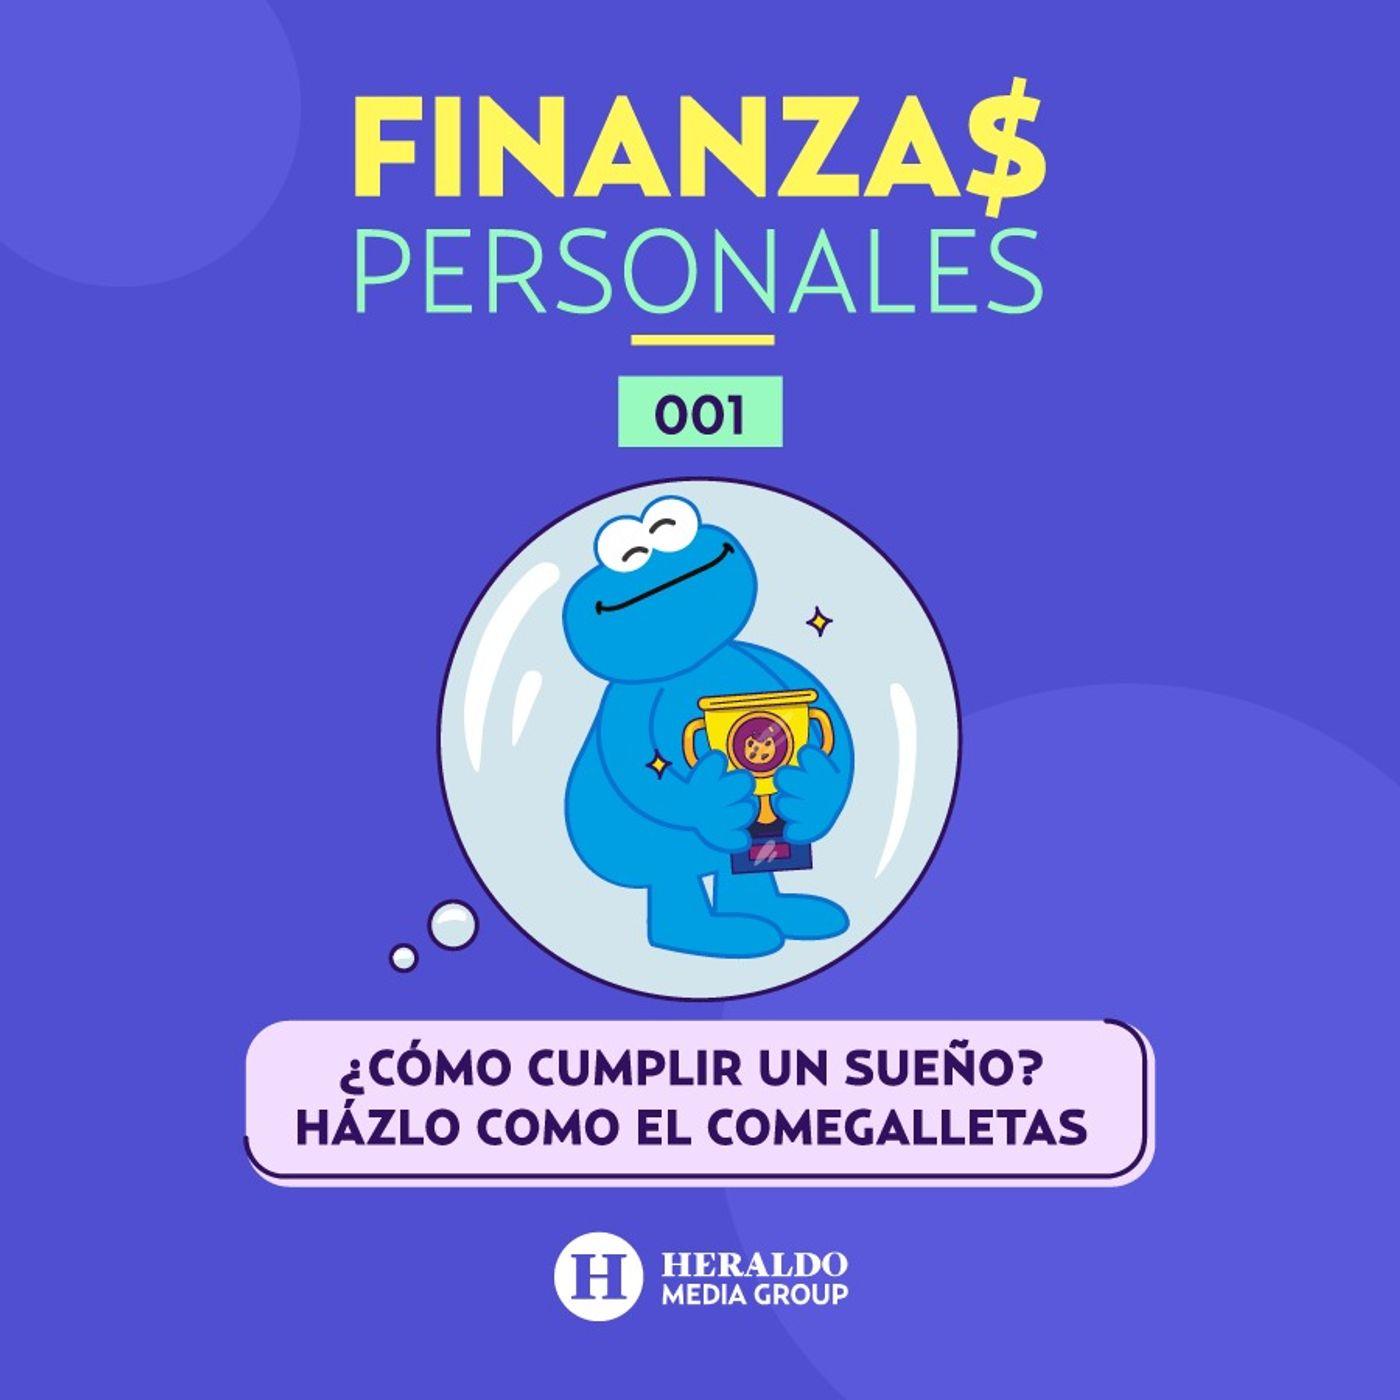 Educación Financiera | Finanzas Personales: Aprende a ahorrar con el Comegalletas